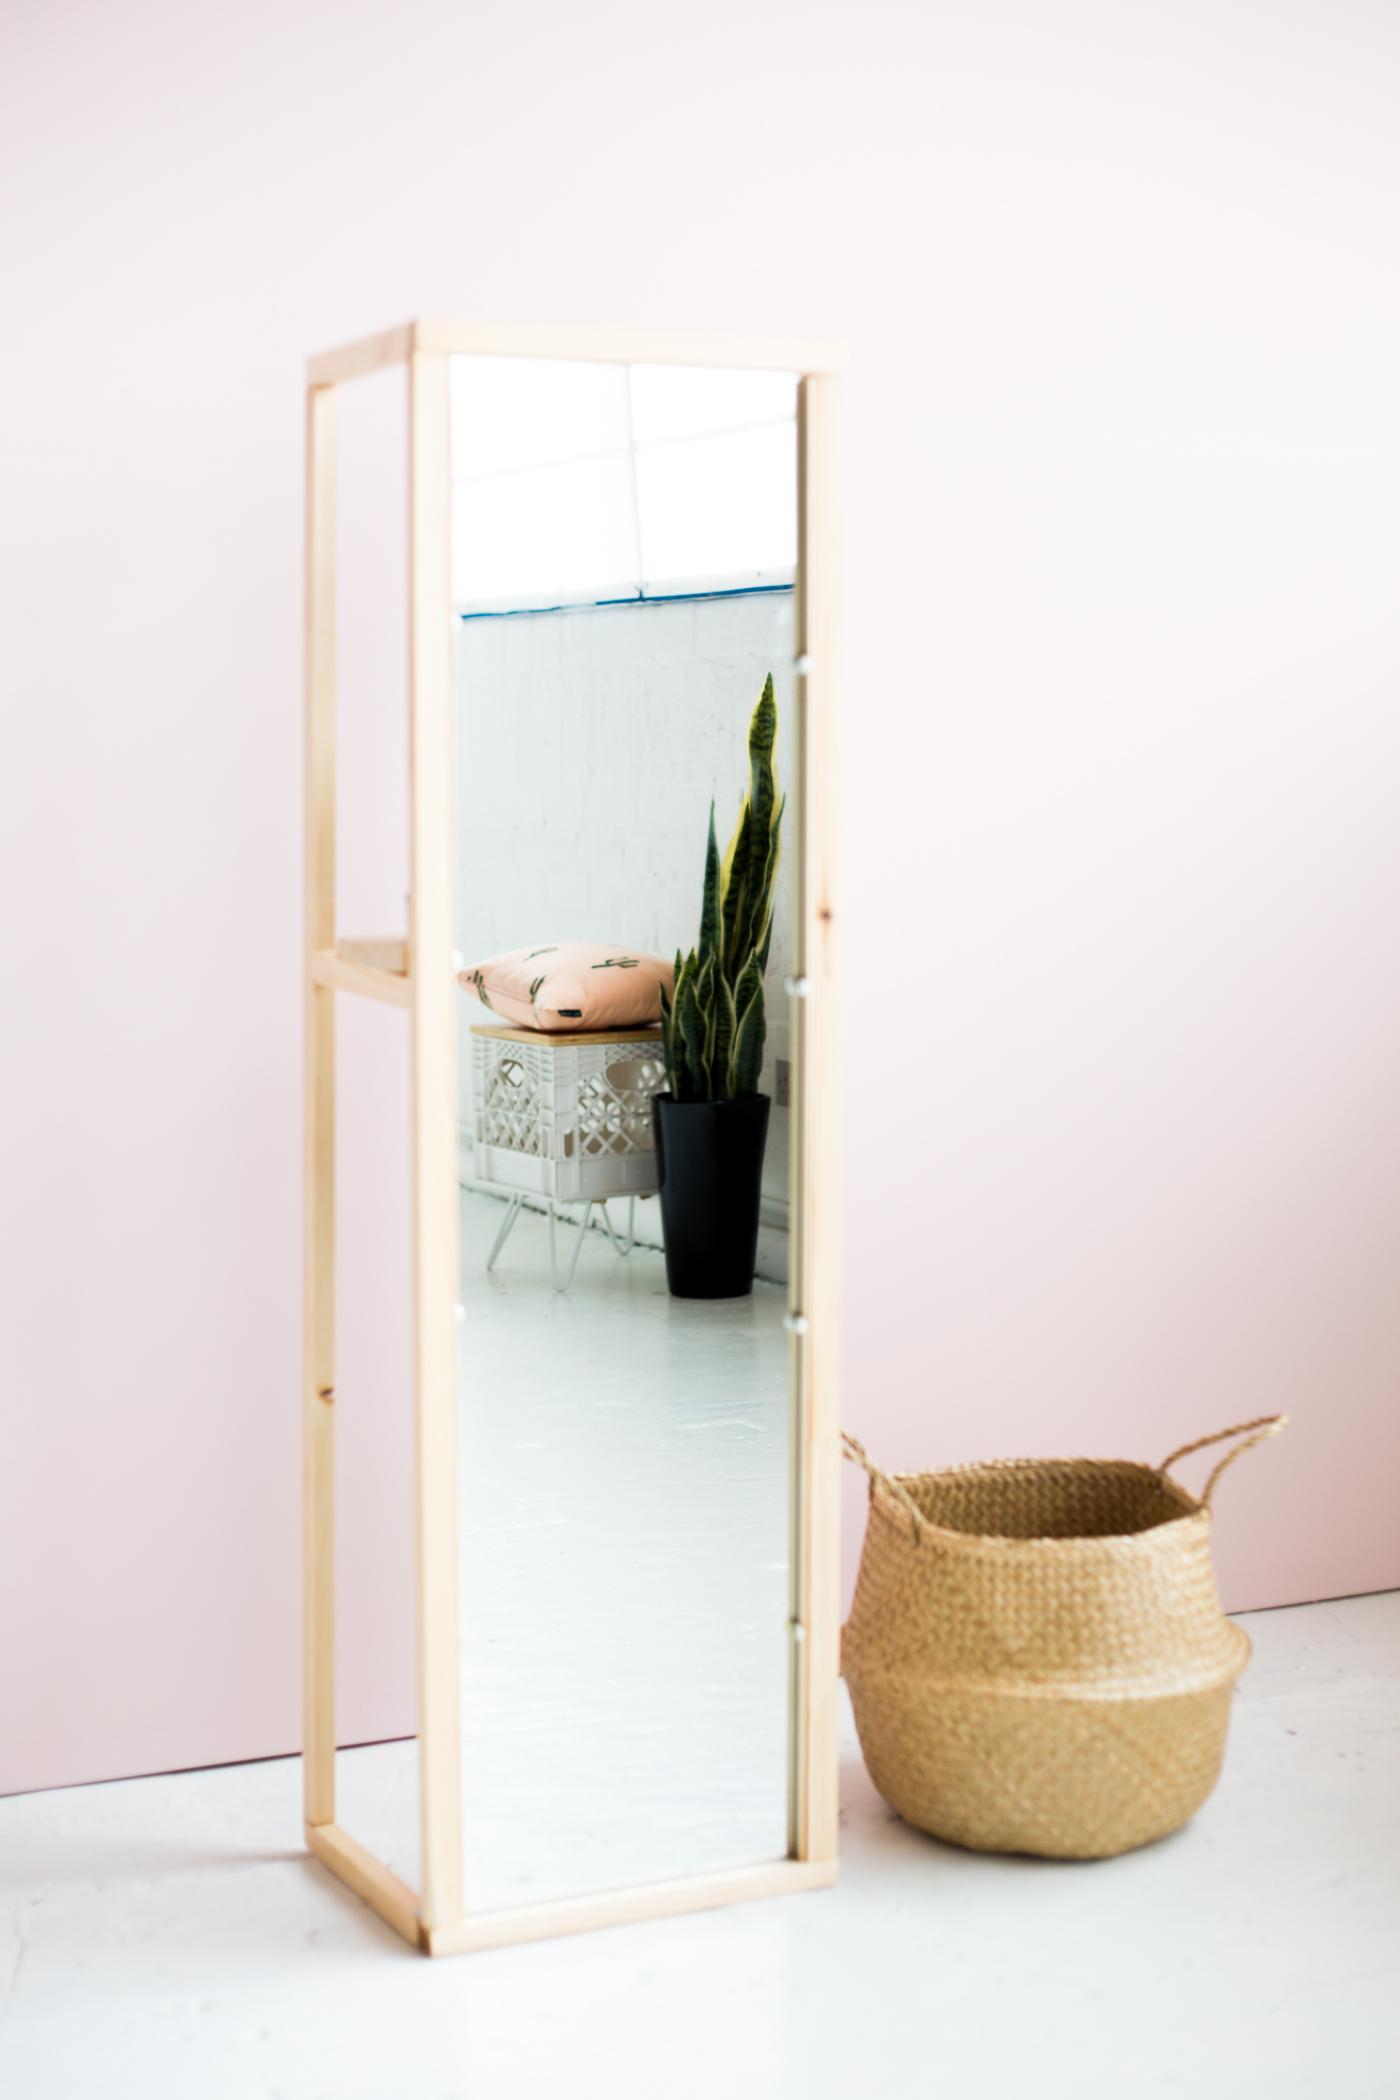 Diy Wooden Floor Standing Mirror With Useful Shelf